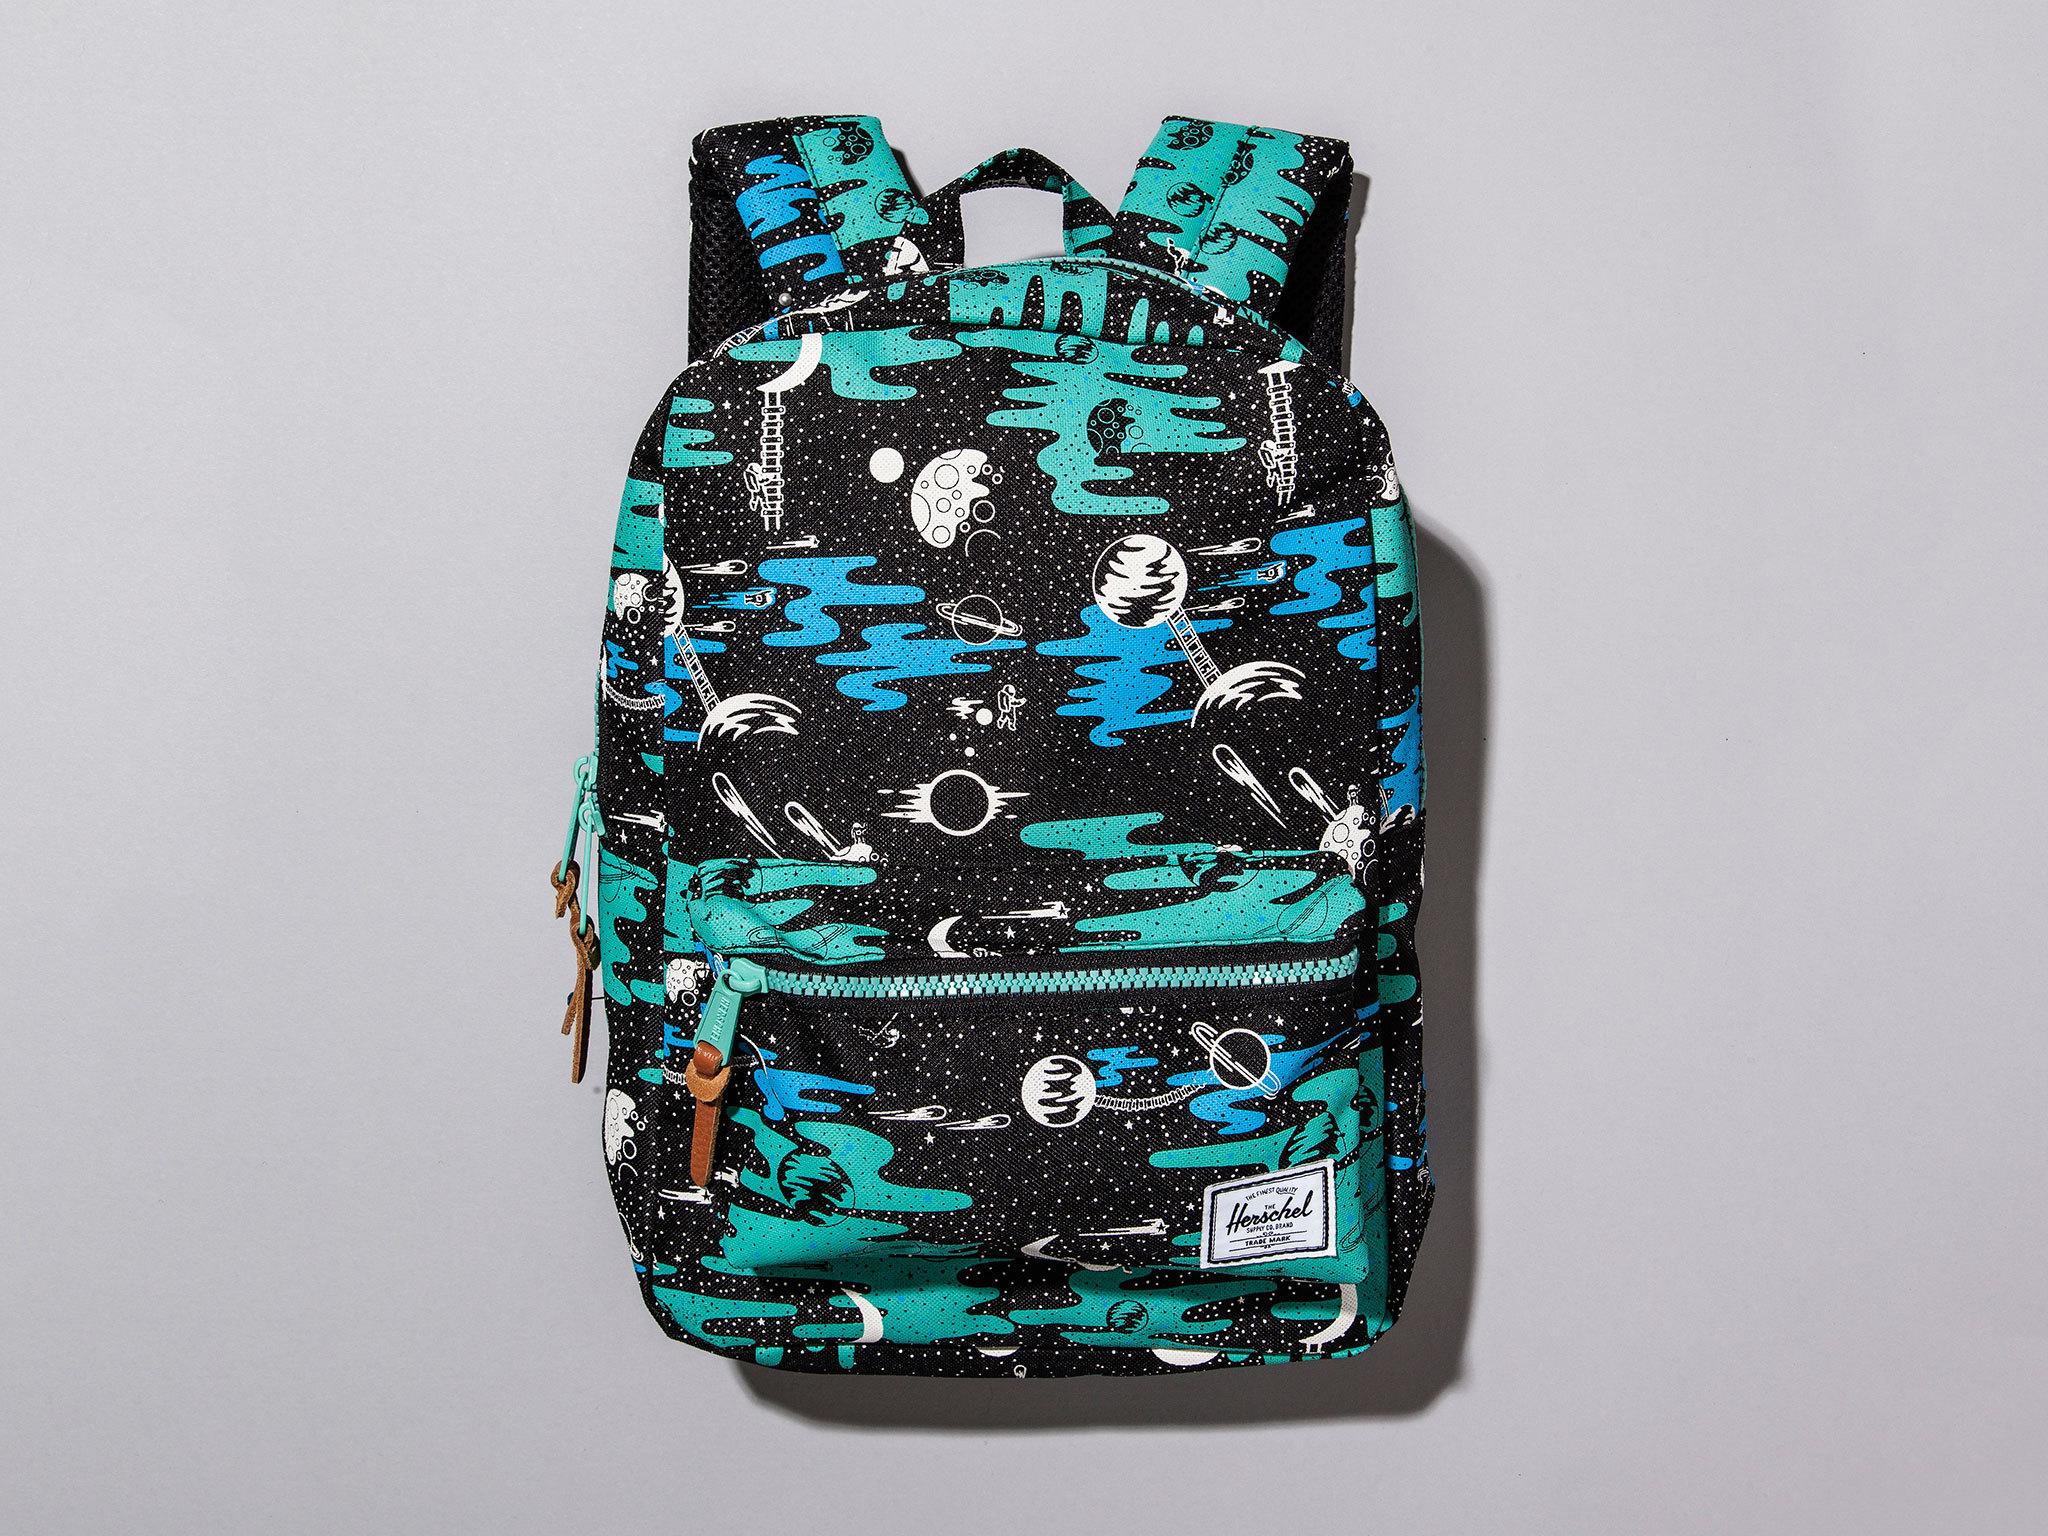 Space explorers backpack by Herschel